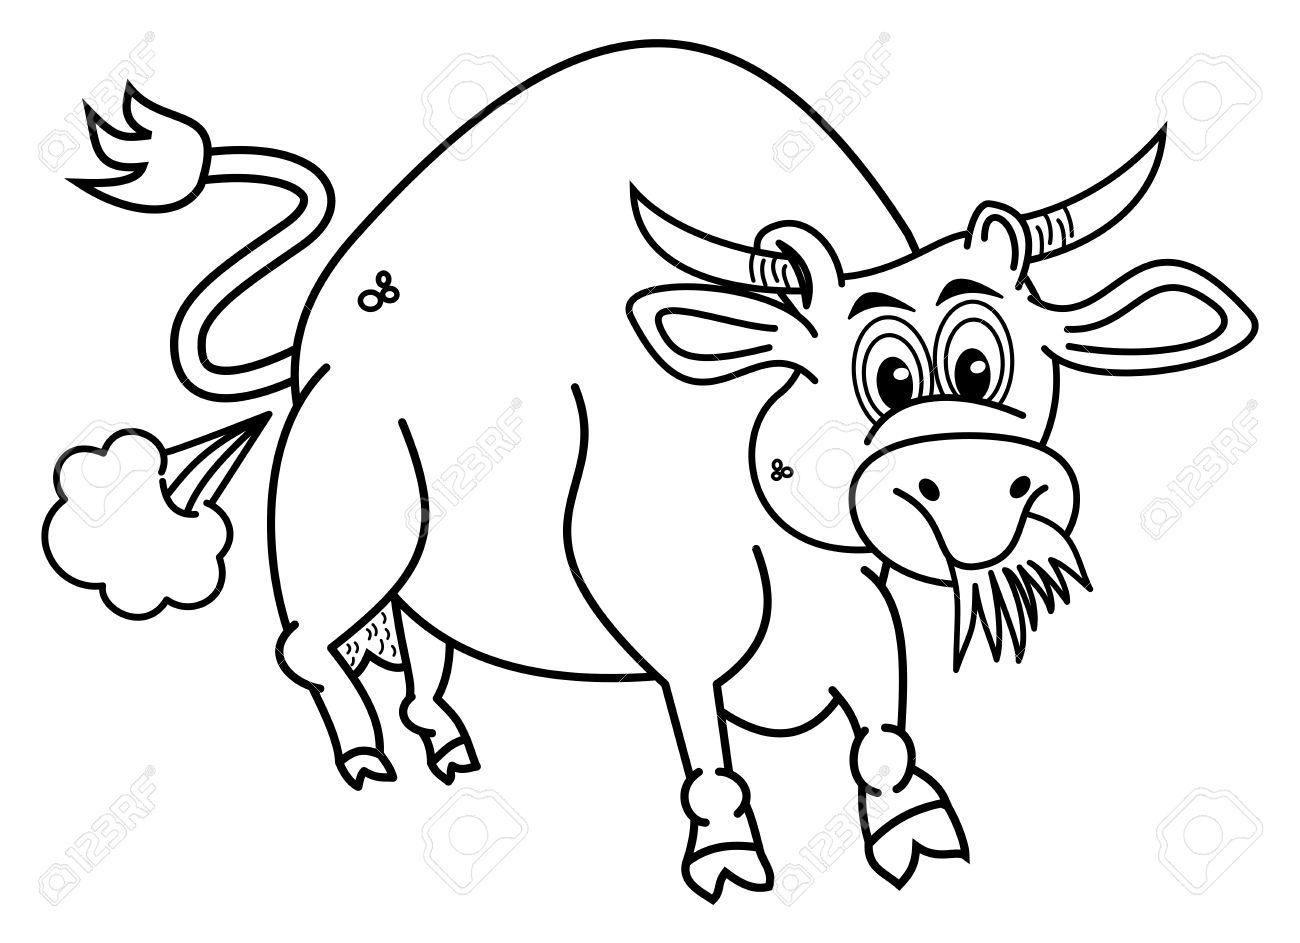 Ein Bio Stier Für Färbung, Die Gras Isst Lizenzfrei Nutzbare